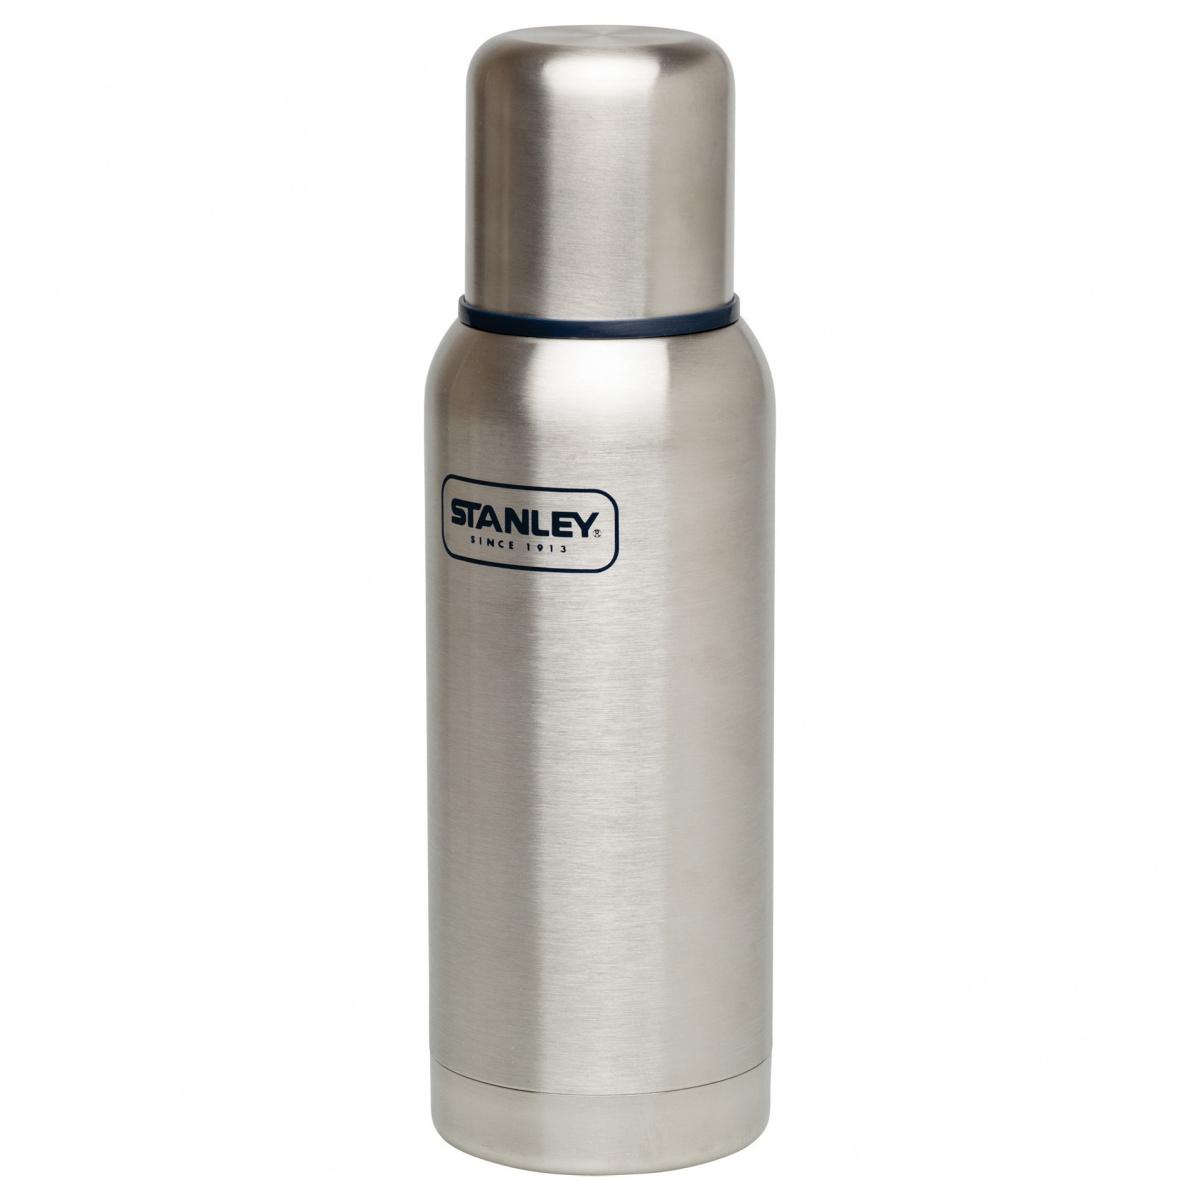 Stanley termoflaske, 0,75 L - rustfri